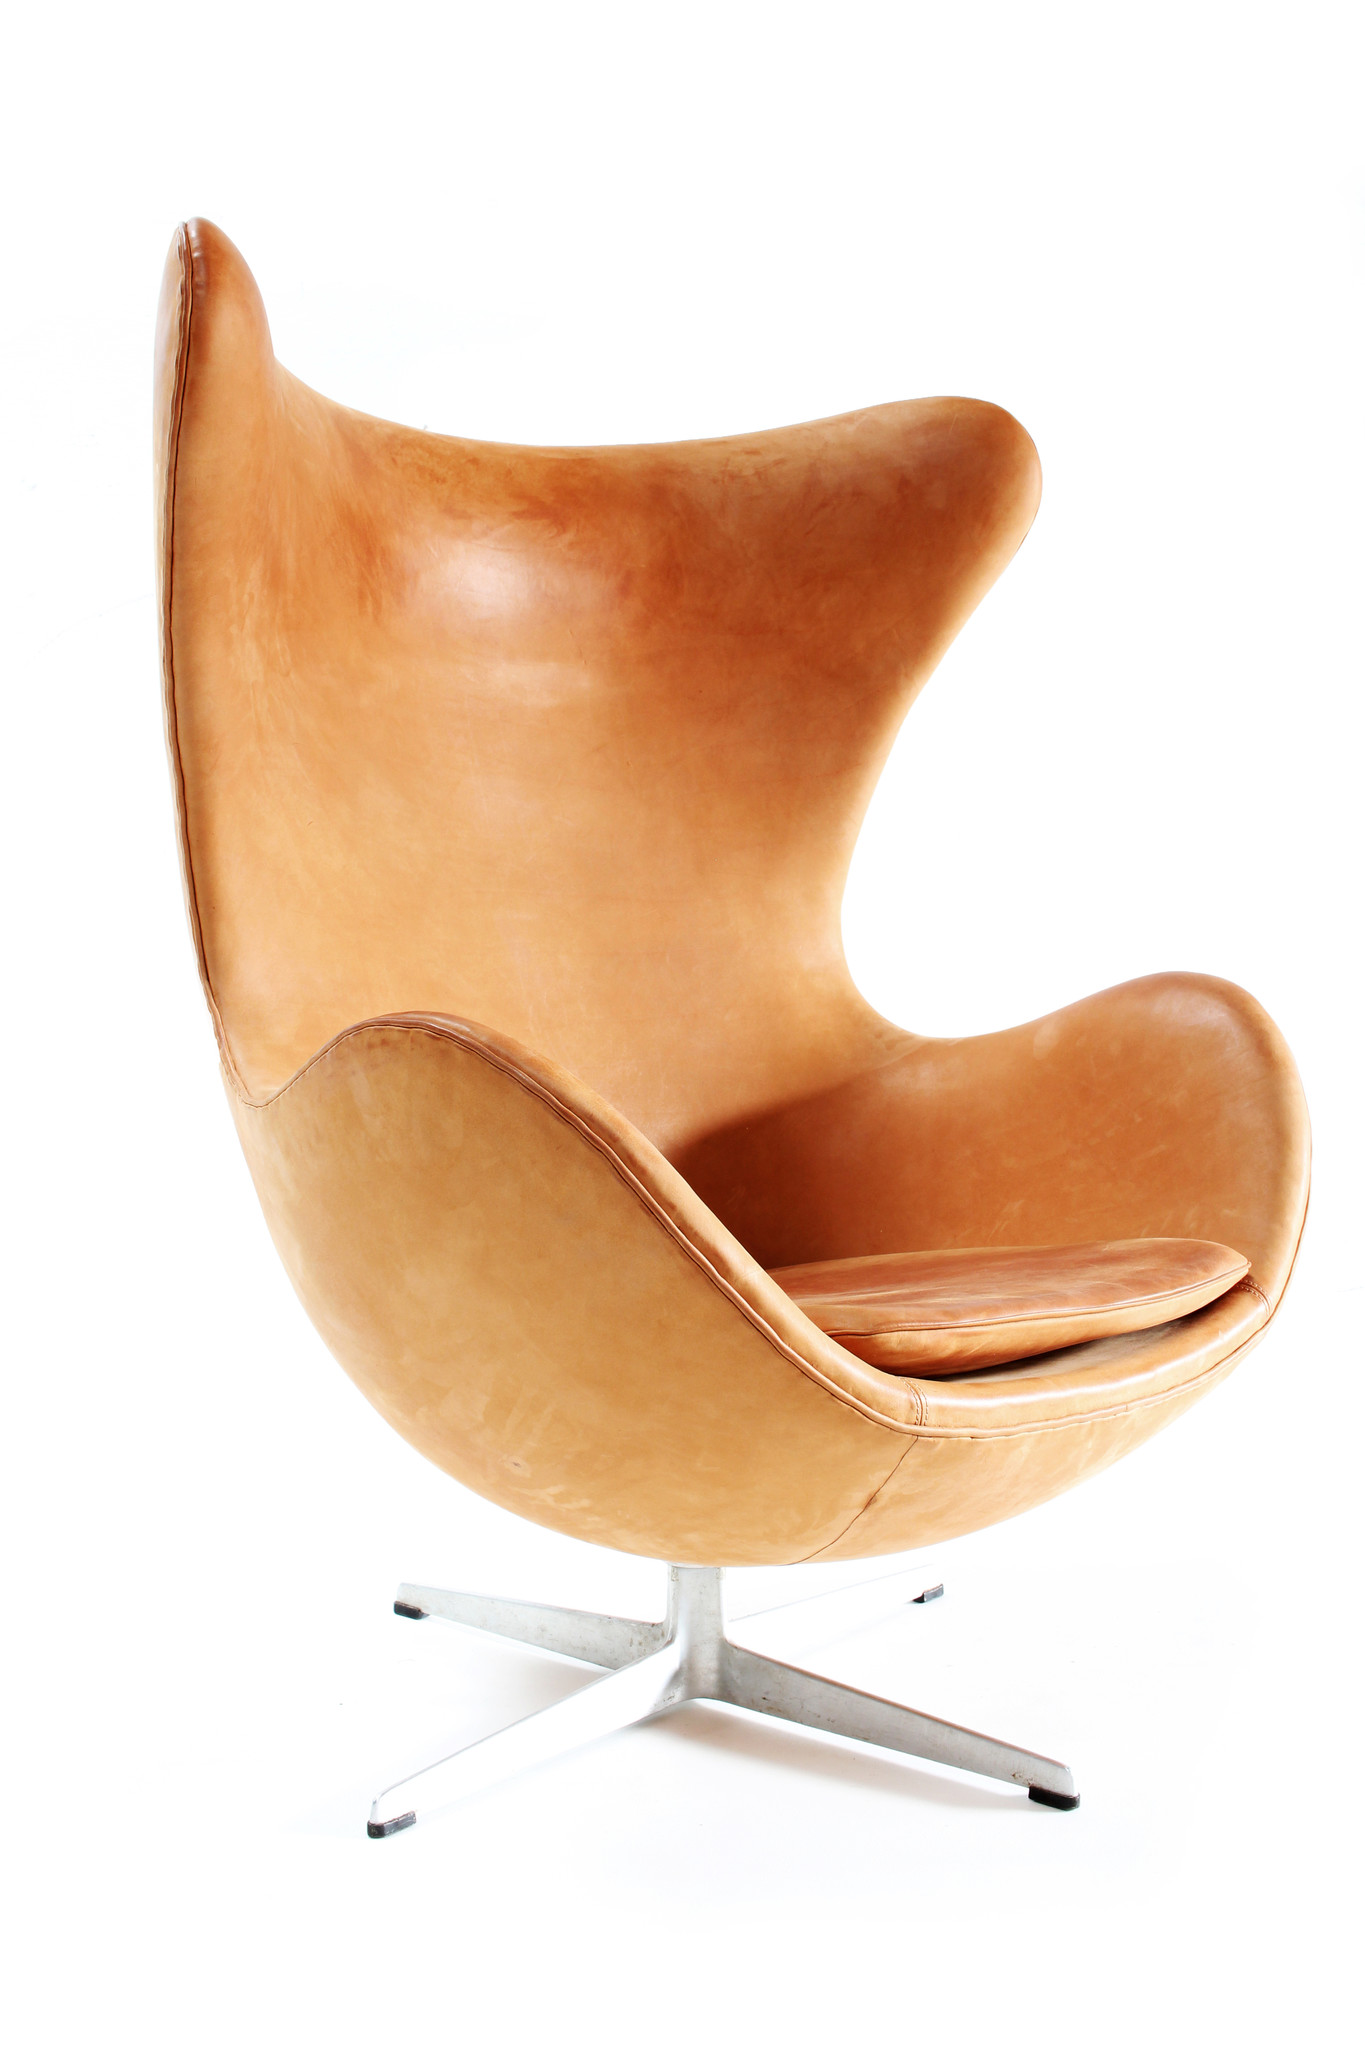 Vintage Egg Chair by Arne Jacobsen for Fritz Hansen